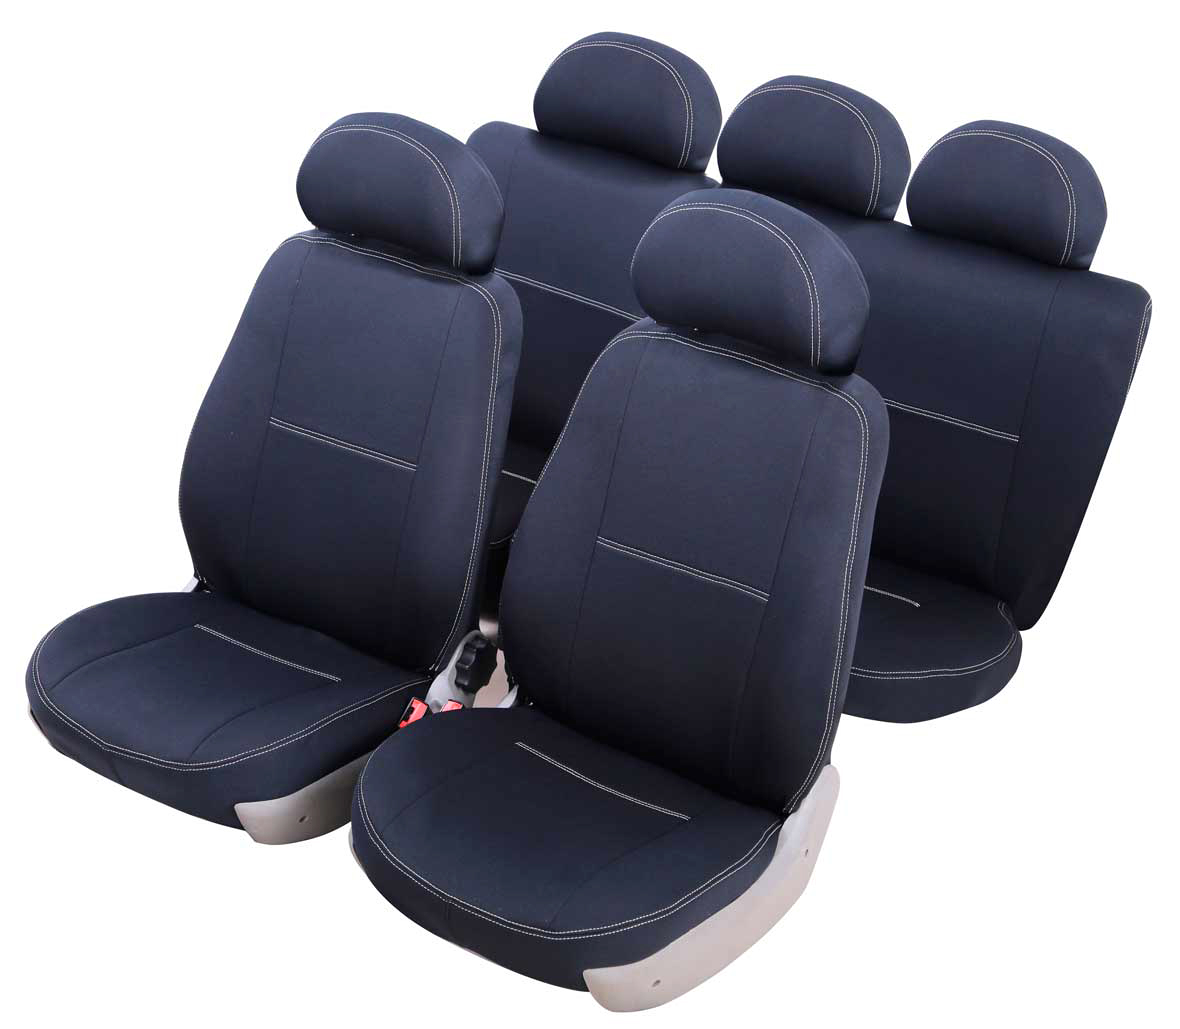 Чехлы на автокресло Azard Standard, для Hyundai Solaris (2010-н.в.), седан, раздельный задний ряд, цвет: черныйA4010101Модельные чехлы из полиэстера Azard Standard. Разработаны в РФ индивидуально для каждого автомобиля.Чехлы Azard Standard серийно выпускаются на собственном швейном производстве в России.Чехлы идеально повторяют штатную форму сидений и выглядят как оригинальная обивка сидений. Для простоты установки используется липучка Velcro, учтены все технологические отверстия.Чехлы сохраняют полную функциональность салона – трансформация сидений, возможность установки детских кресел ISOFIX, не препятствуют работе подушек безопасности AIRBAG и подогрева сидений.Дизайн чехлов Azard Standard приближен к оригинальной обивке салона. Декоративная контрастная прострочка по периметру авточехлов придает стильный и изысканный внешний вид интерьеру автомобиля.Чехлы Azard Standard изготовлены из полиэстера, триплированного огнеупорным поролоном толщиной 3 мм, за счет чего чехол приобретает дополнительную мягкость. Подложка из спандбонда сохраняет свойства поролона и предотвращает его разрушение.Авточехлы Azard Standard просты в уходе – загрязнения легко удаляются влажной тканью.